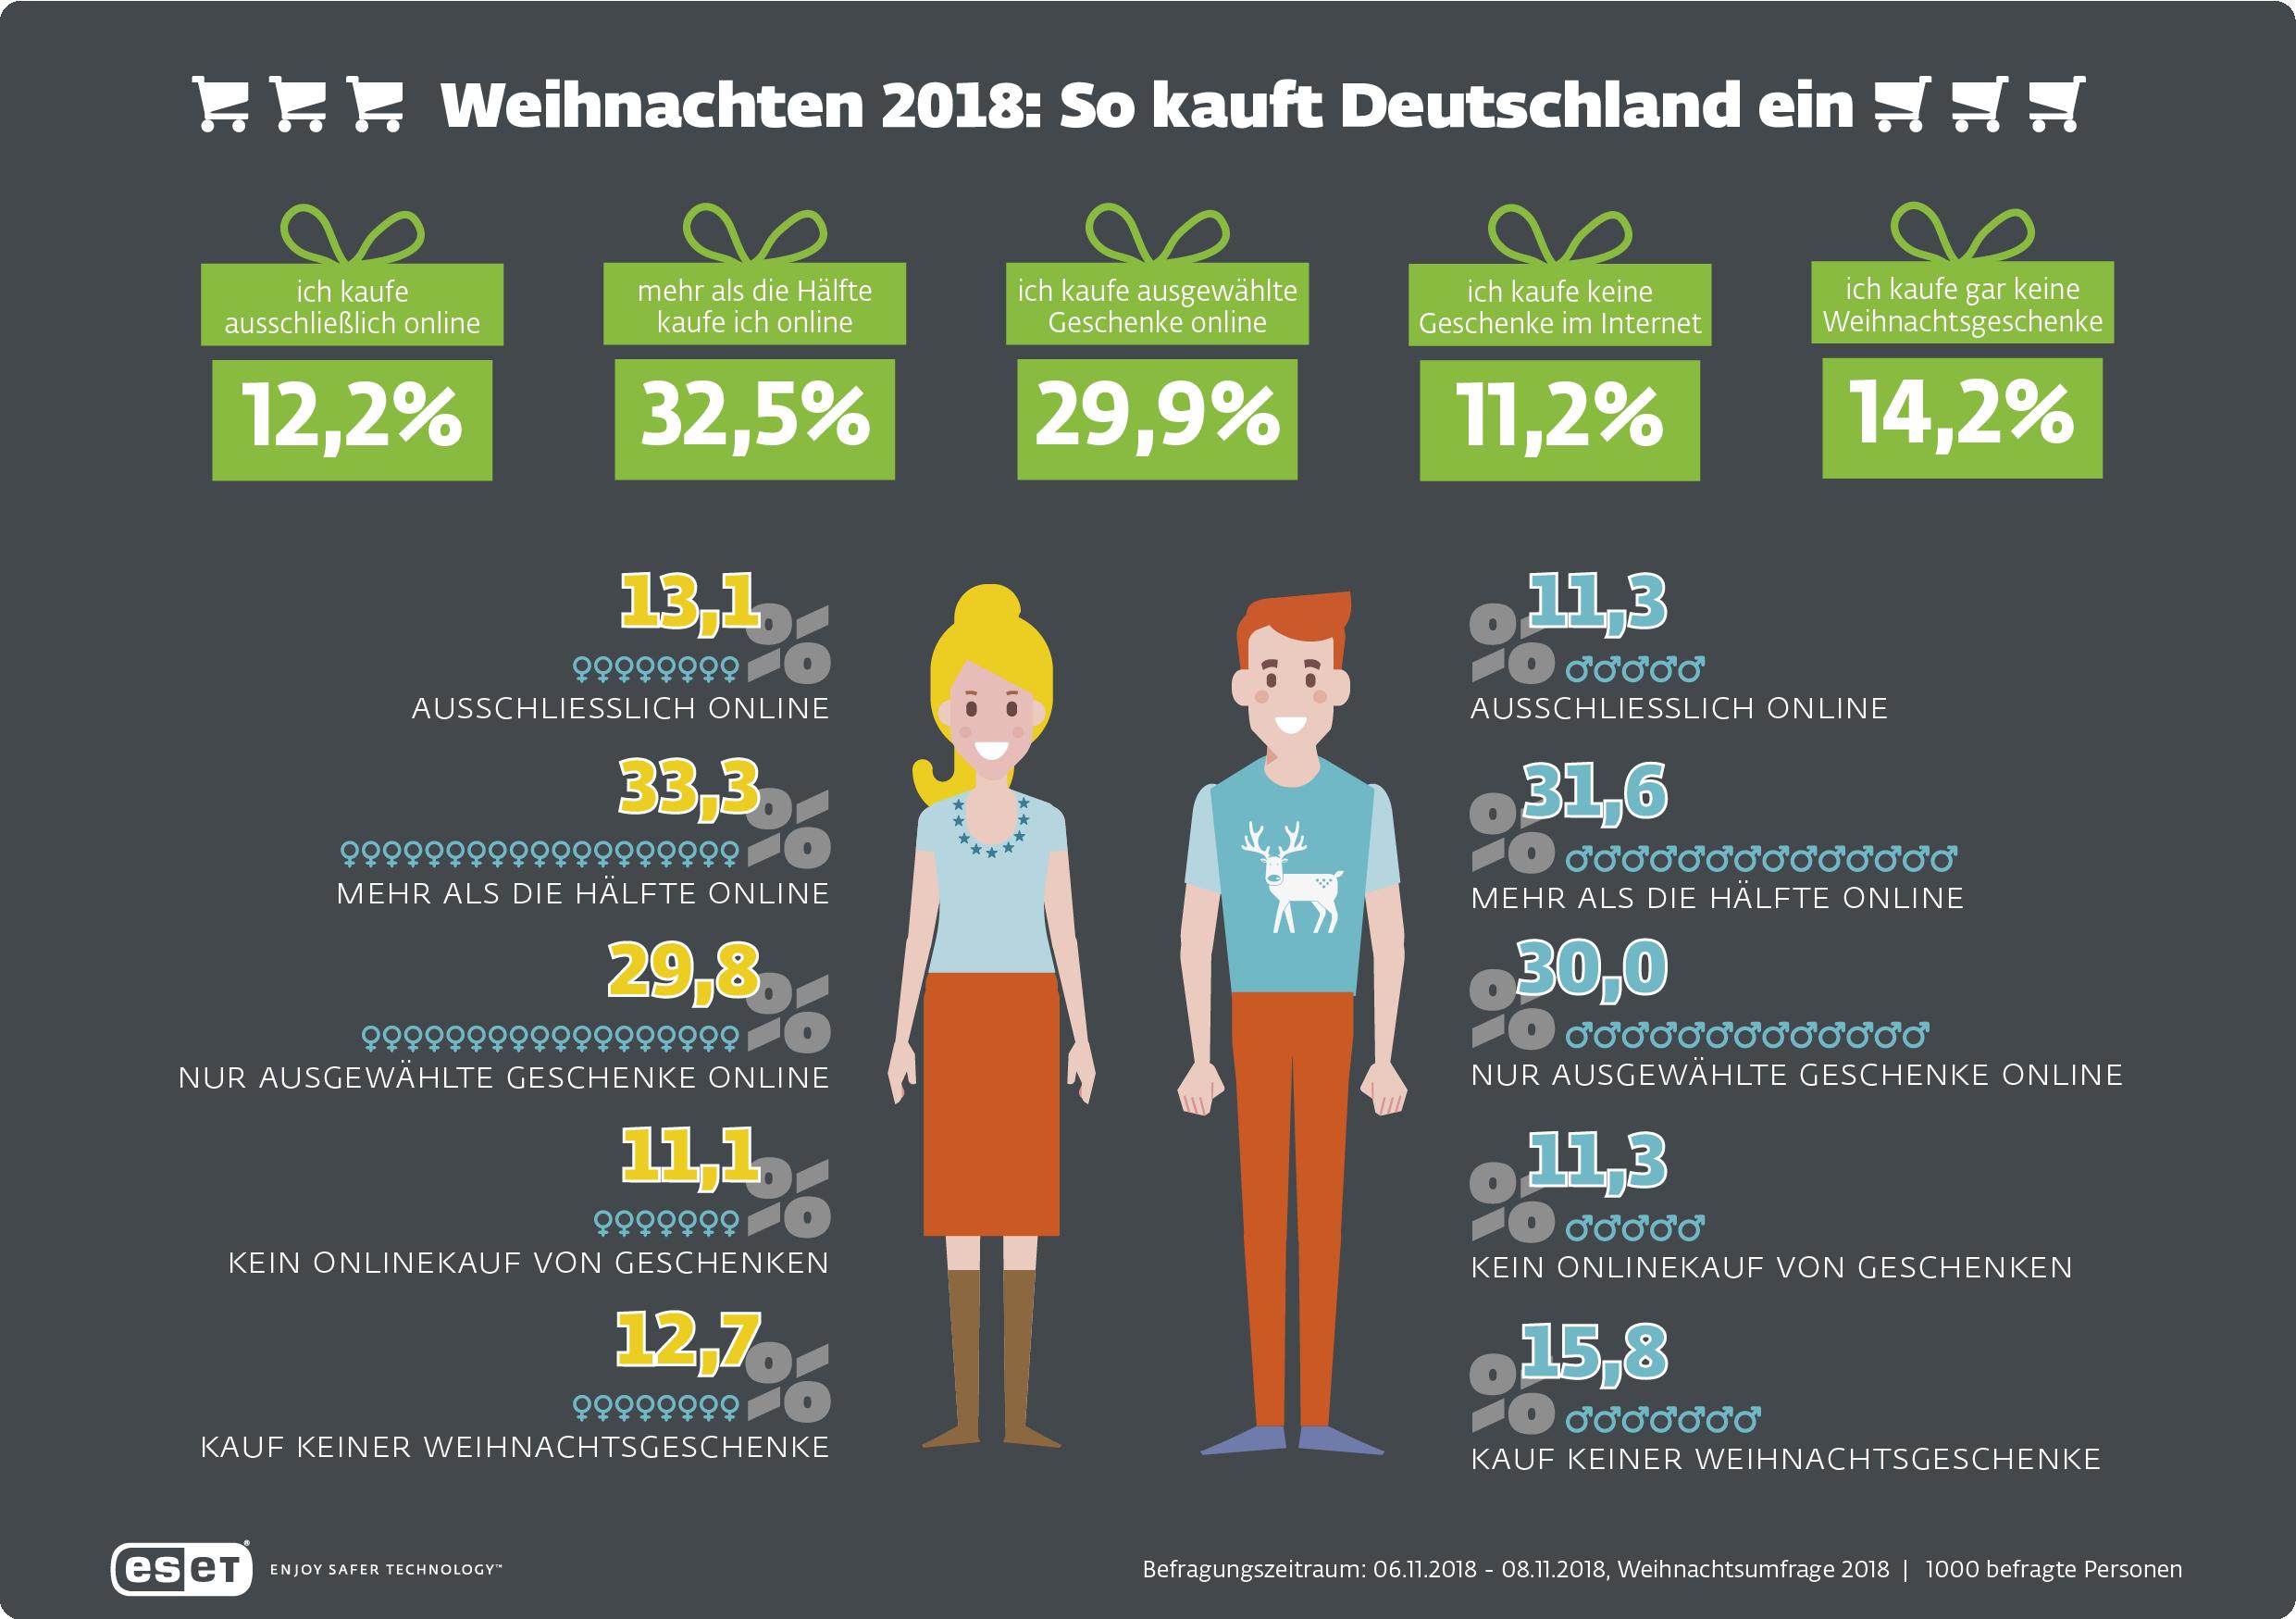 Weihnachten 2018: So geht Deutschland auf Geschenkejagd | ESET